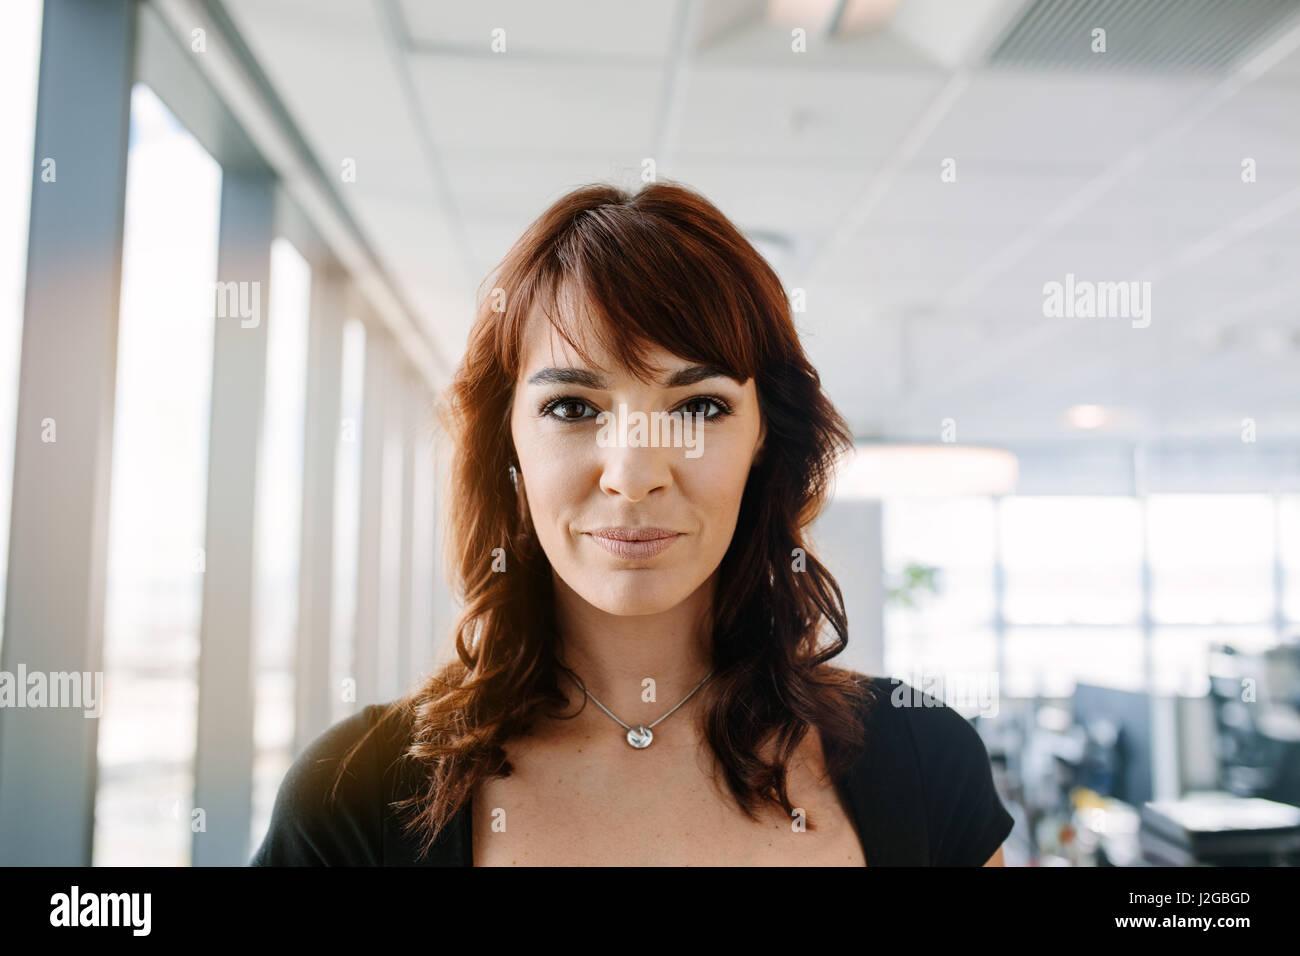 Nahaufnahme Portrait schöne Reife Geschäftsfrau im Büro stehen. Kaukasische weibliche corporate professionelle Stockbild